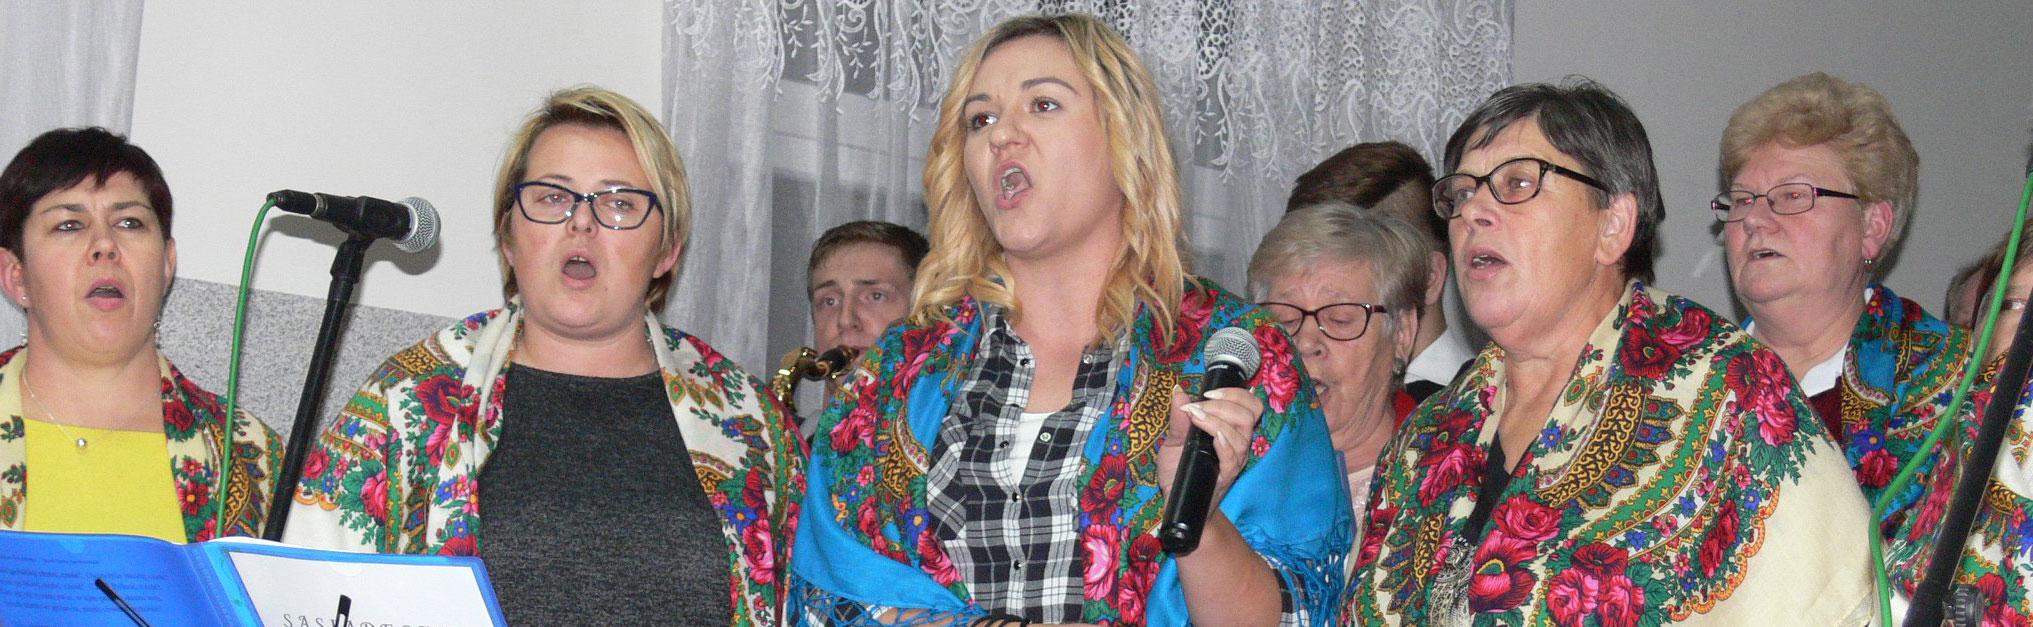 Obchody 100-lecia odzyskania niepodległości w Strzelcach